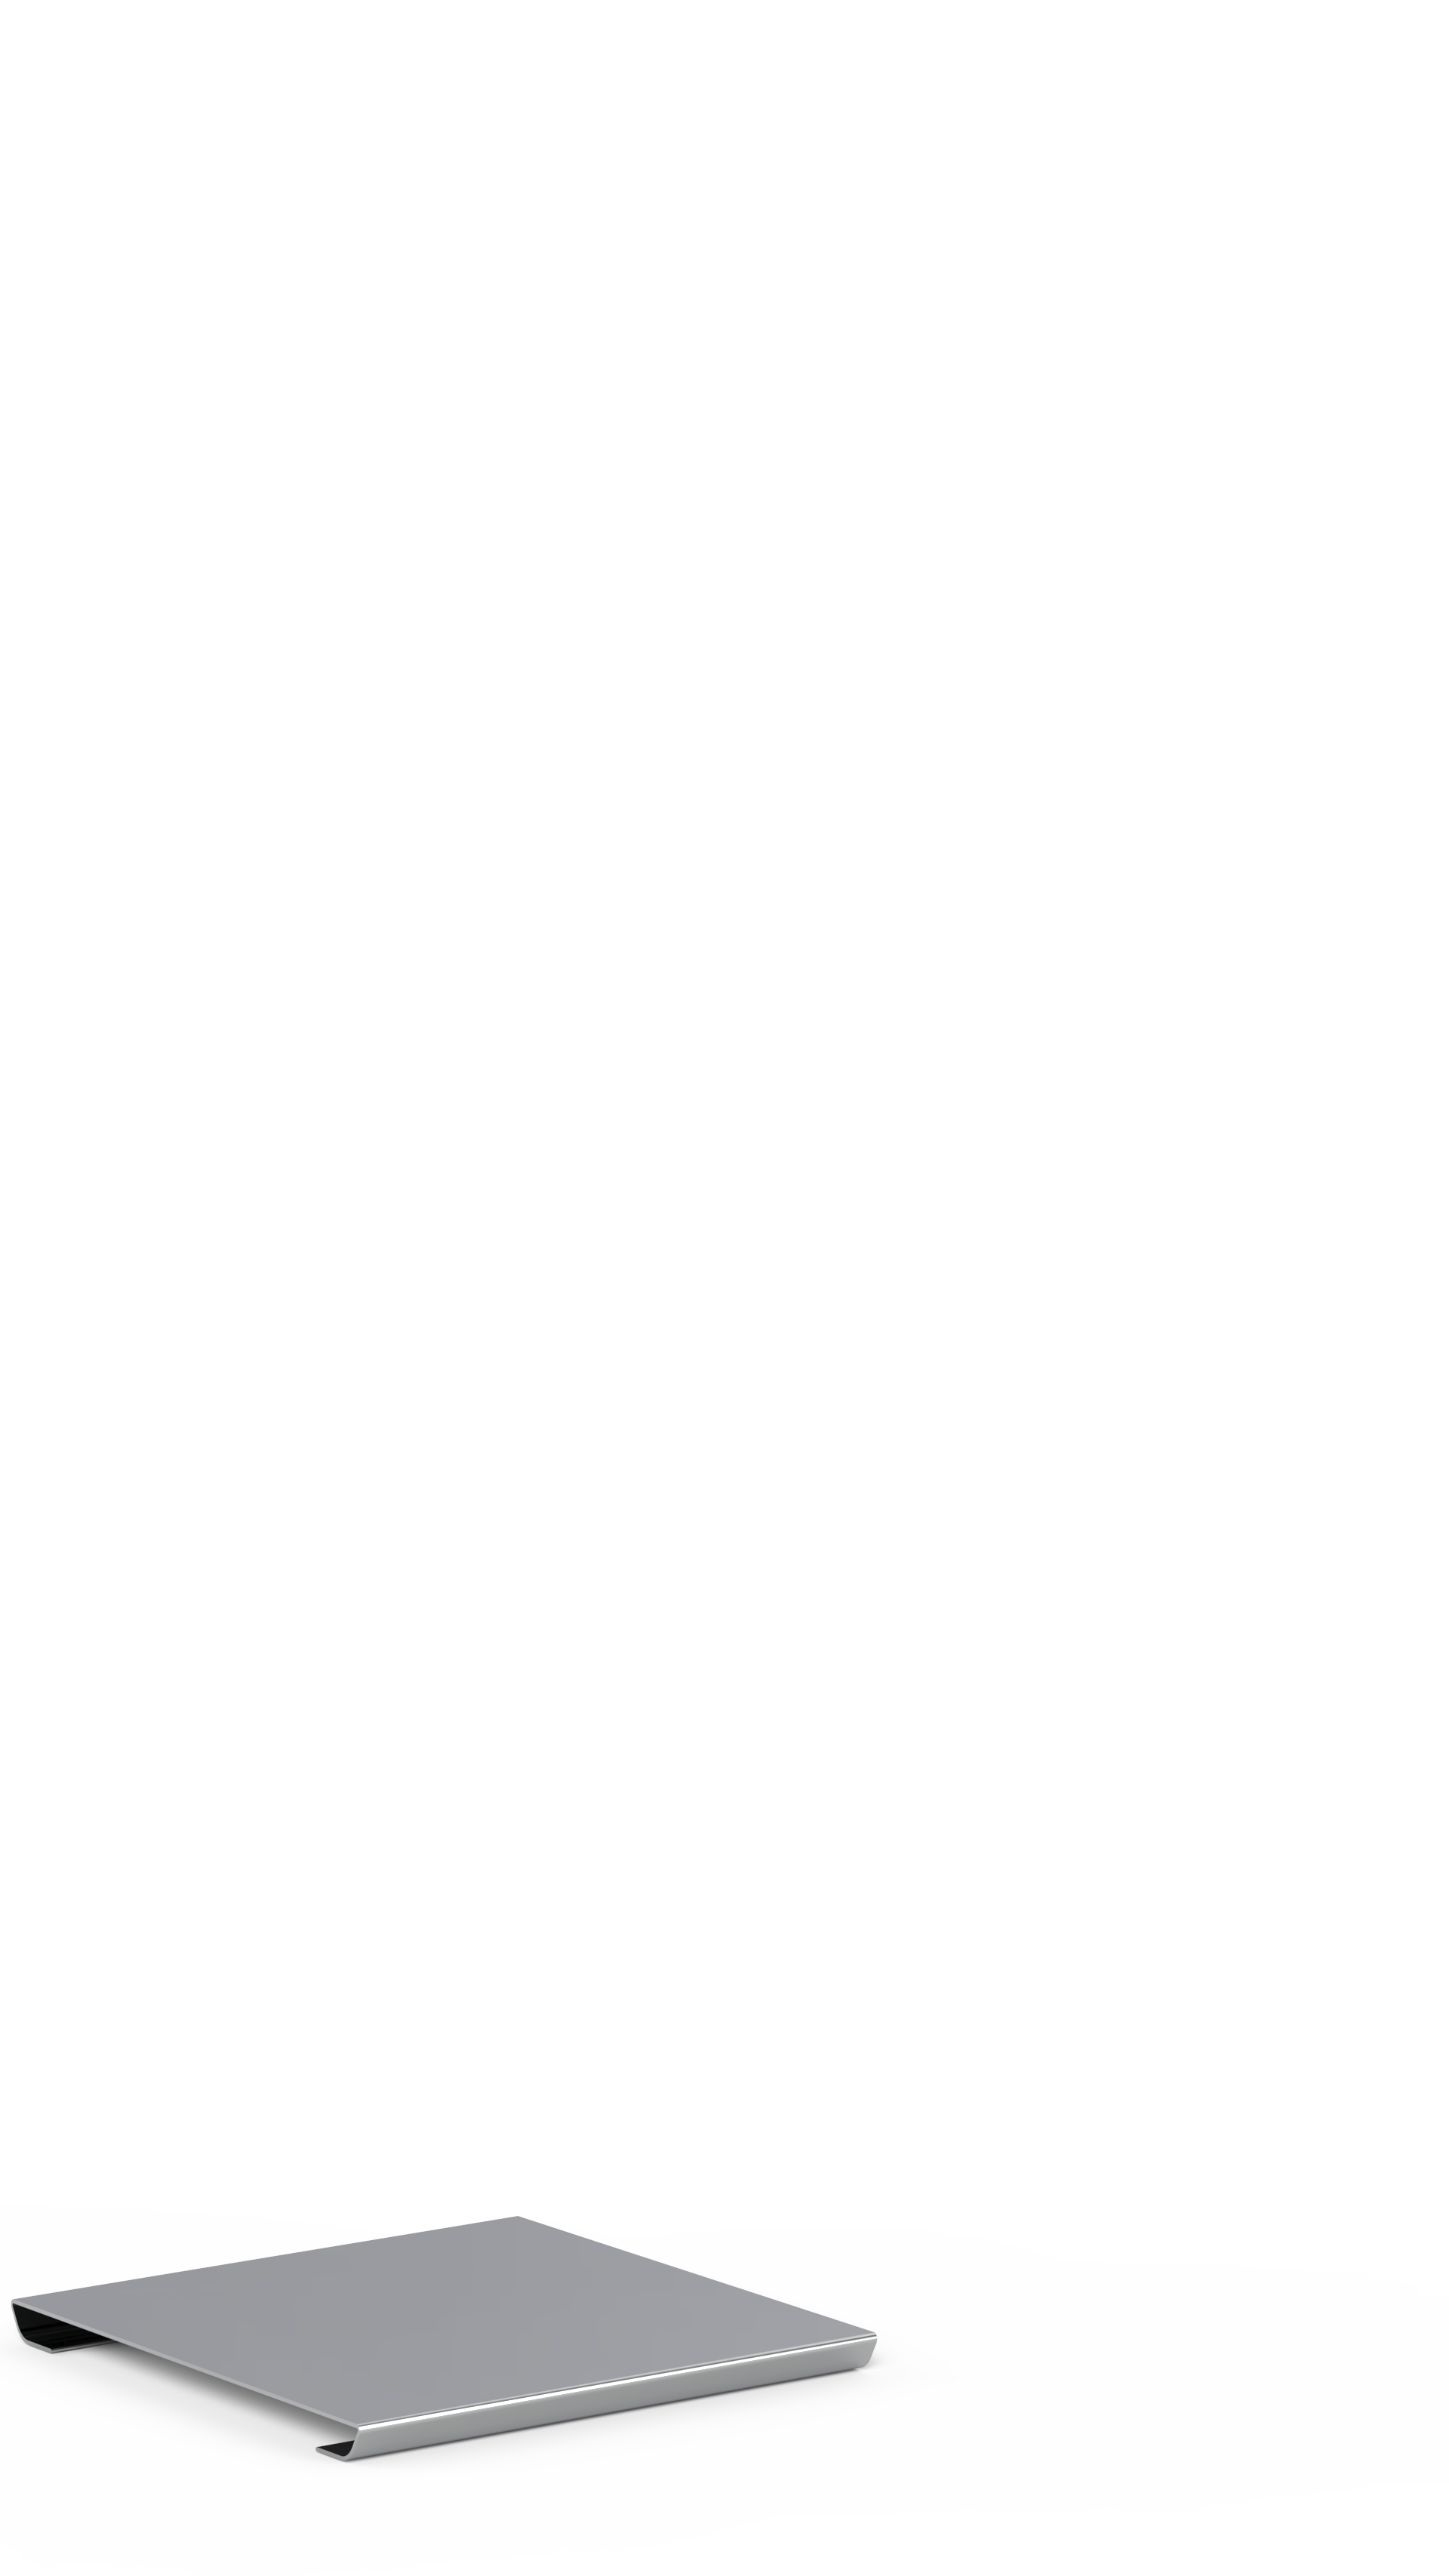 aeroPL30x30x2x2 Présentoir plateau de présentation SAINT-HONORÉ PARIS